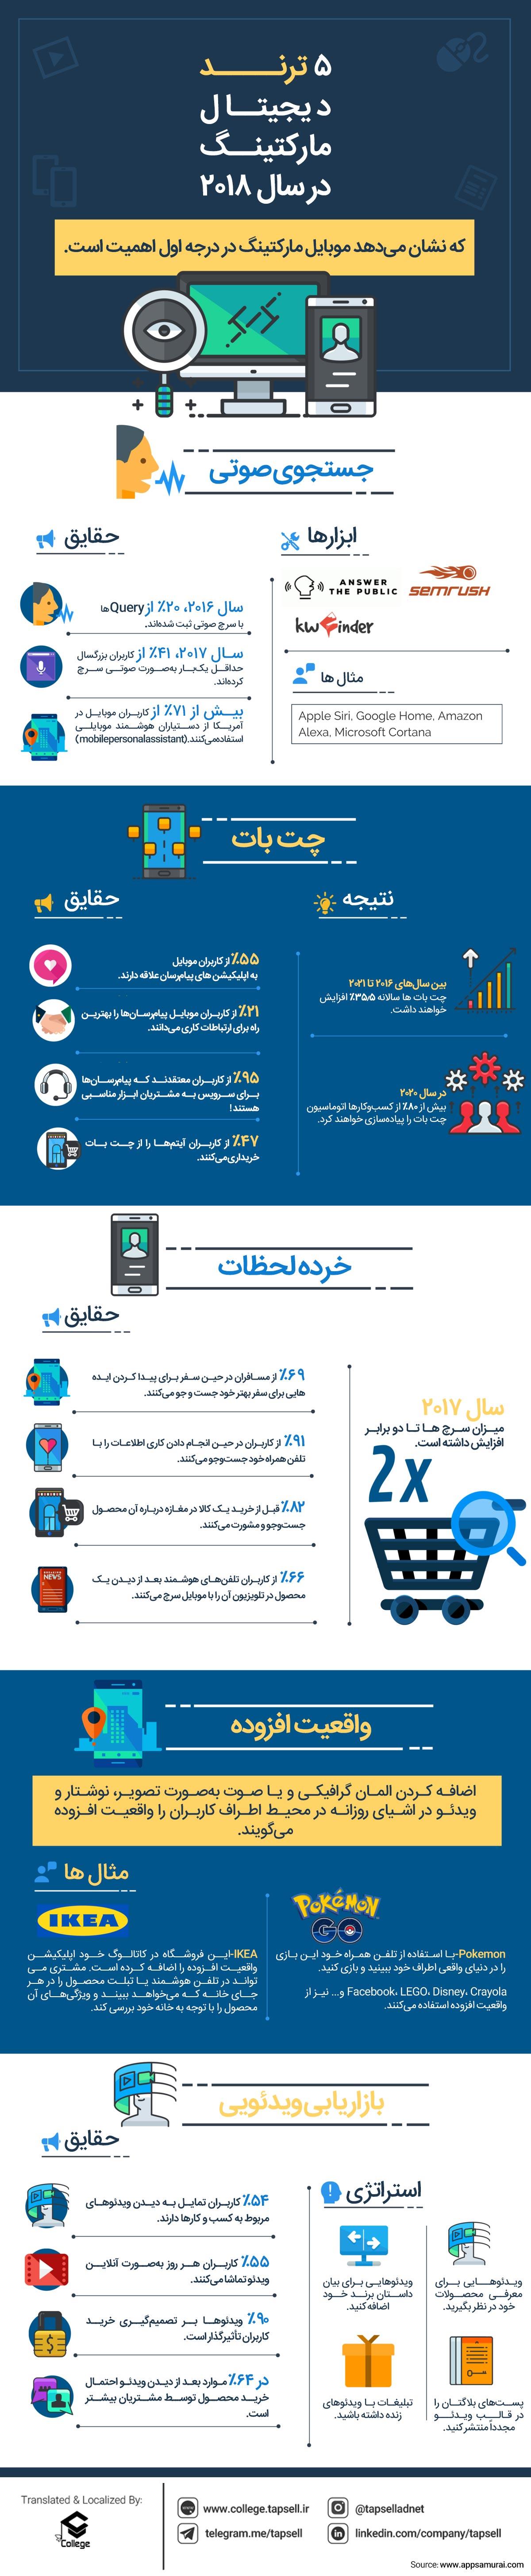 5 ترند دیجیتال مارکتینگ در سال 2018 + اینفوگرافیک